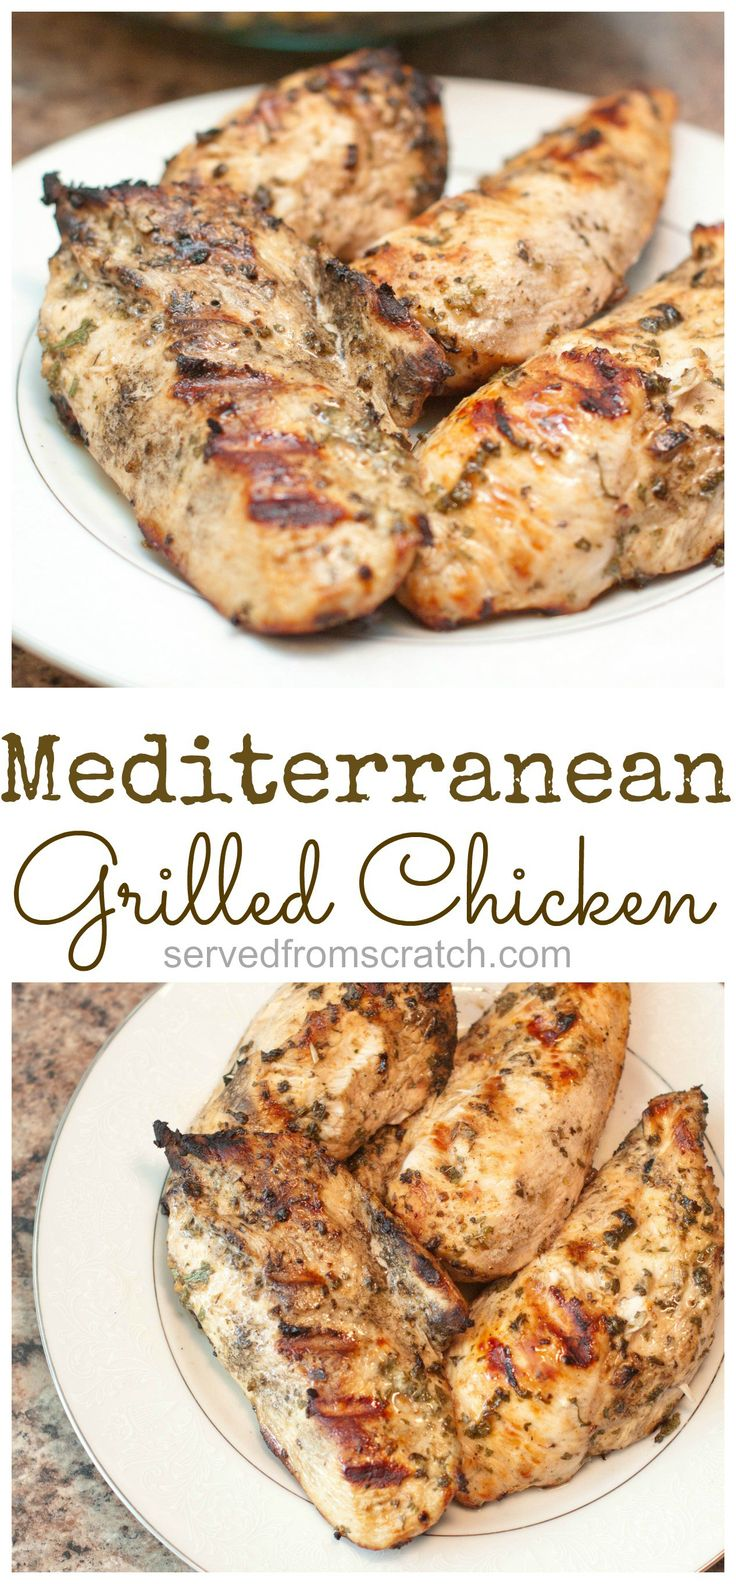 Super easy Mediterranean Grilled Chicken Breasts